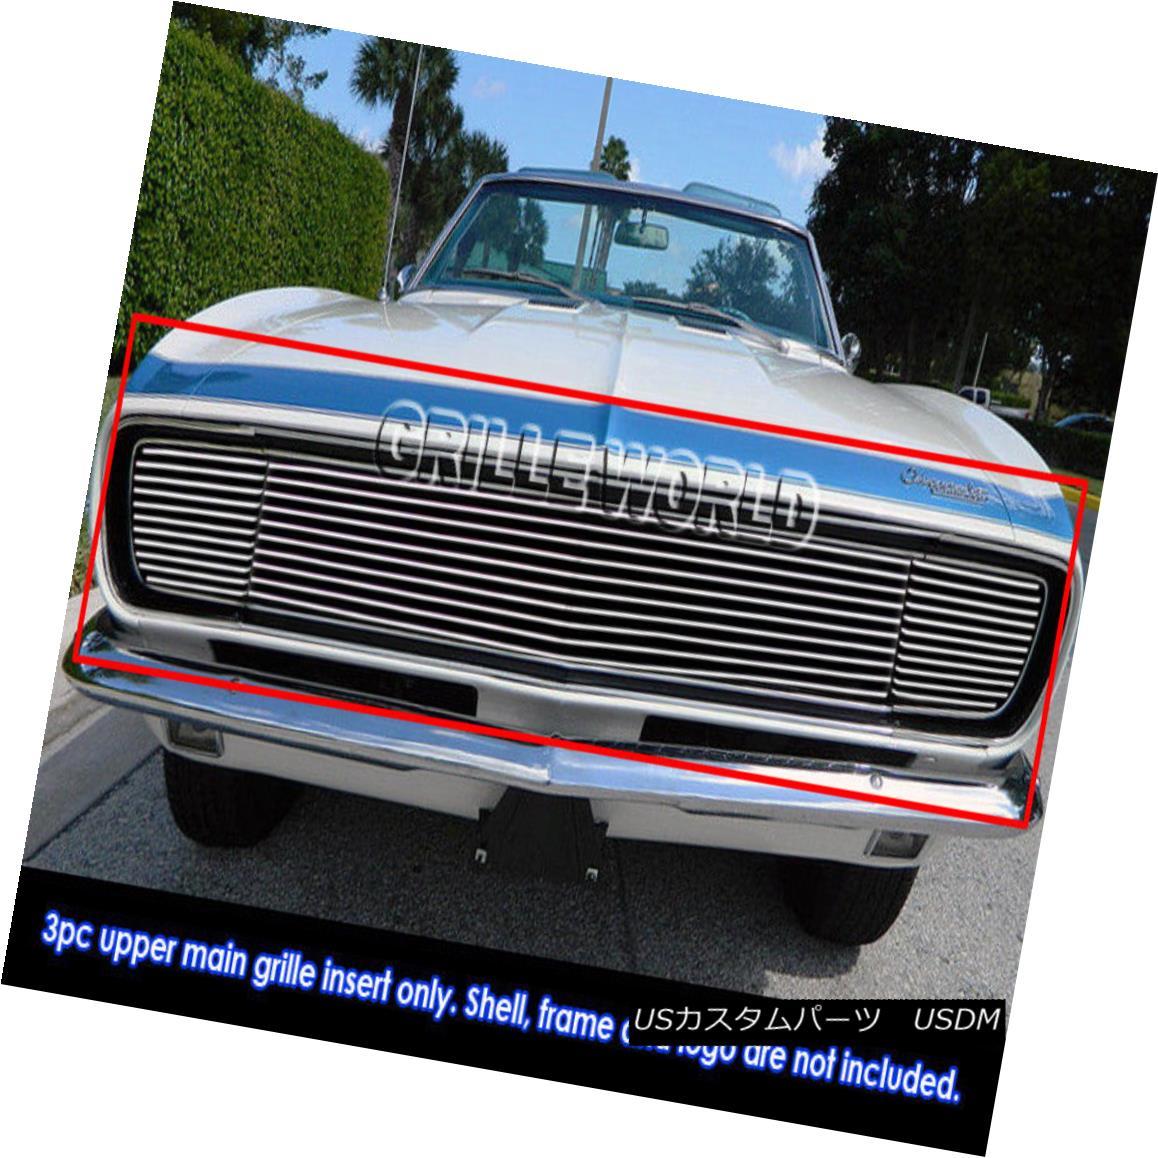 グリル For 1967-1968 Chevy Camaro RS Model Billet Grille Grill Insert 1967?1968年シボレーカマロRSモデルビレットグリルグリルインサート